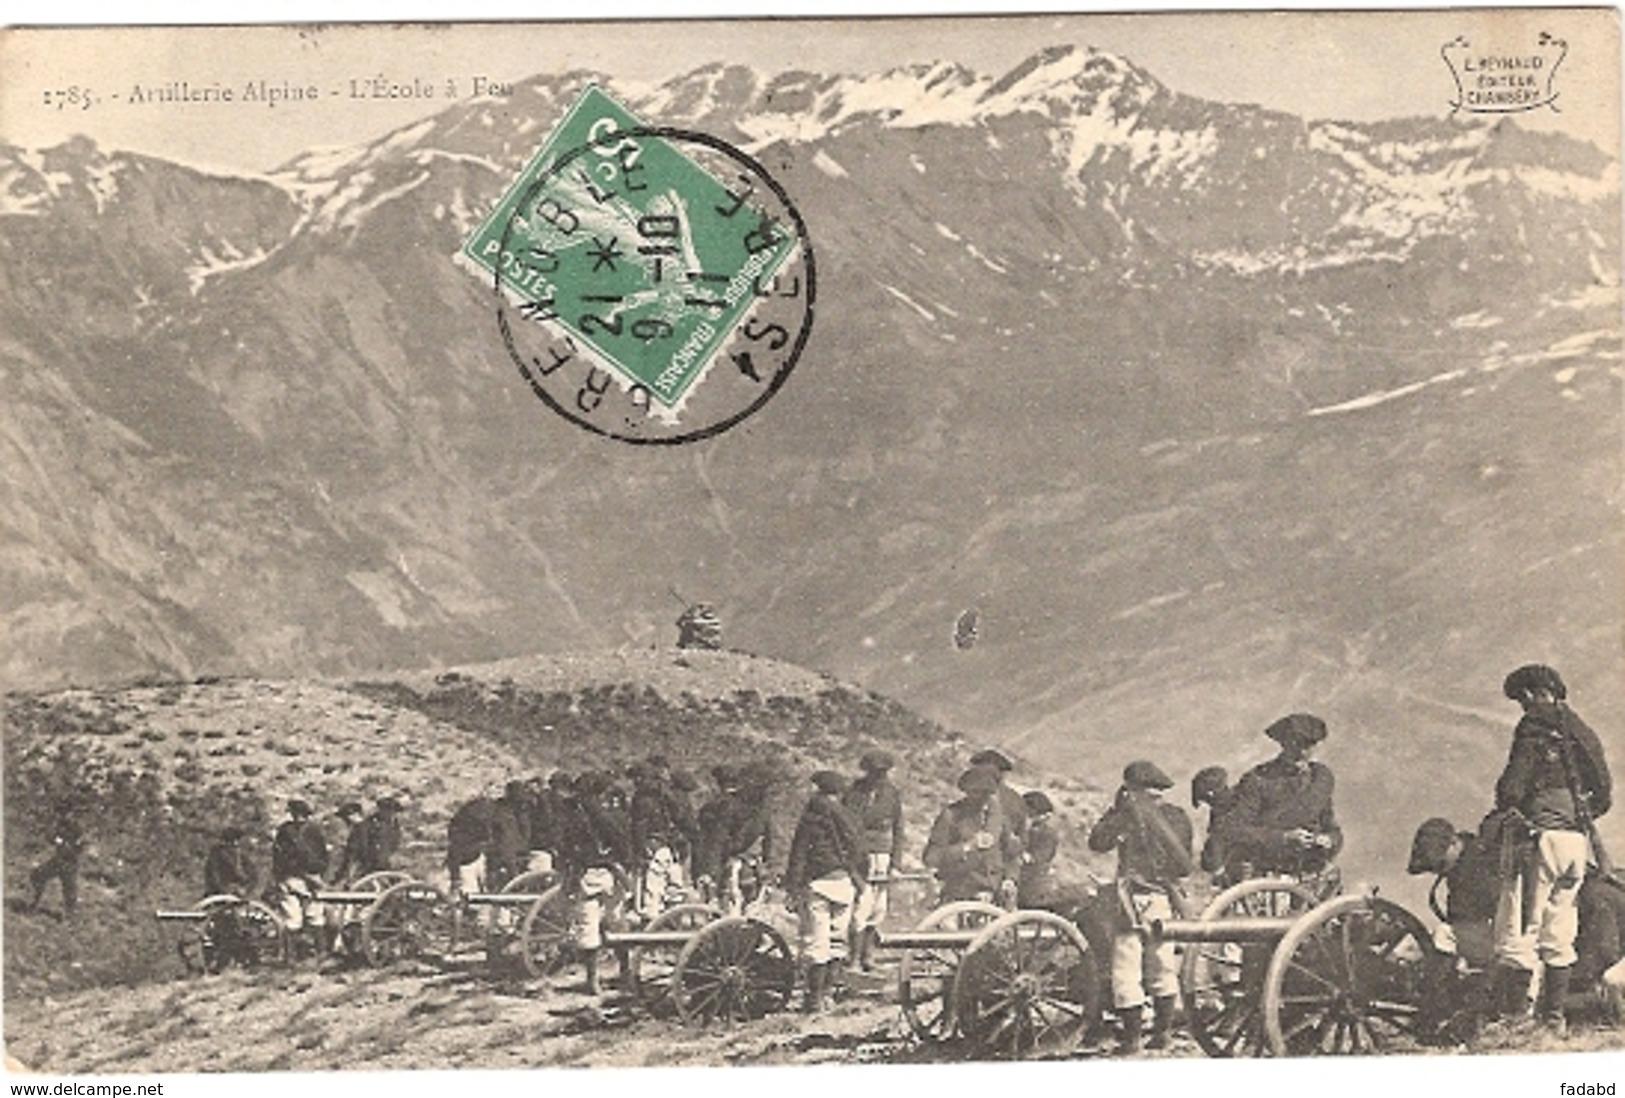 ARTILLERIE ALPINE L ECOLE A FEU ECRIS - War 1914-18